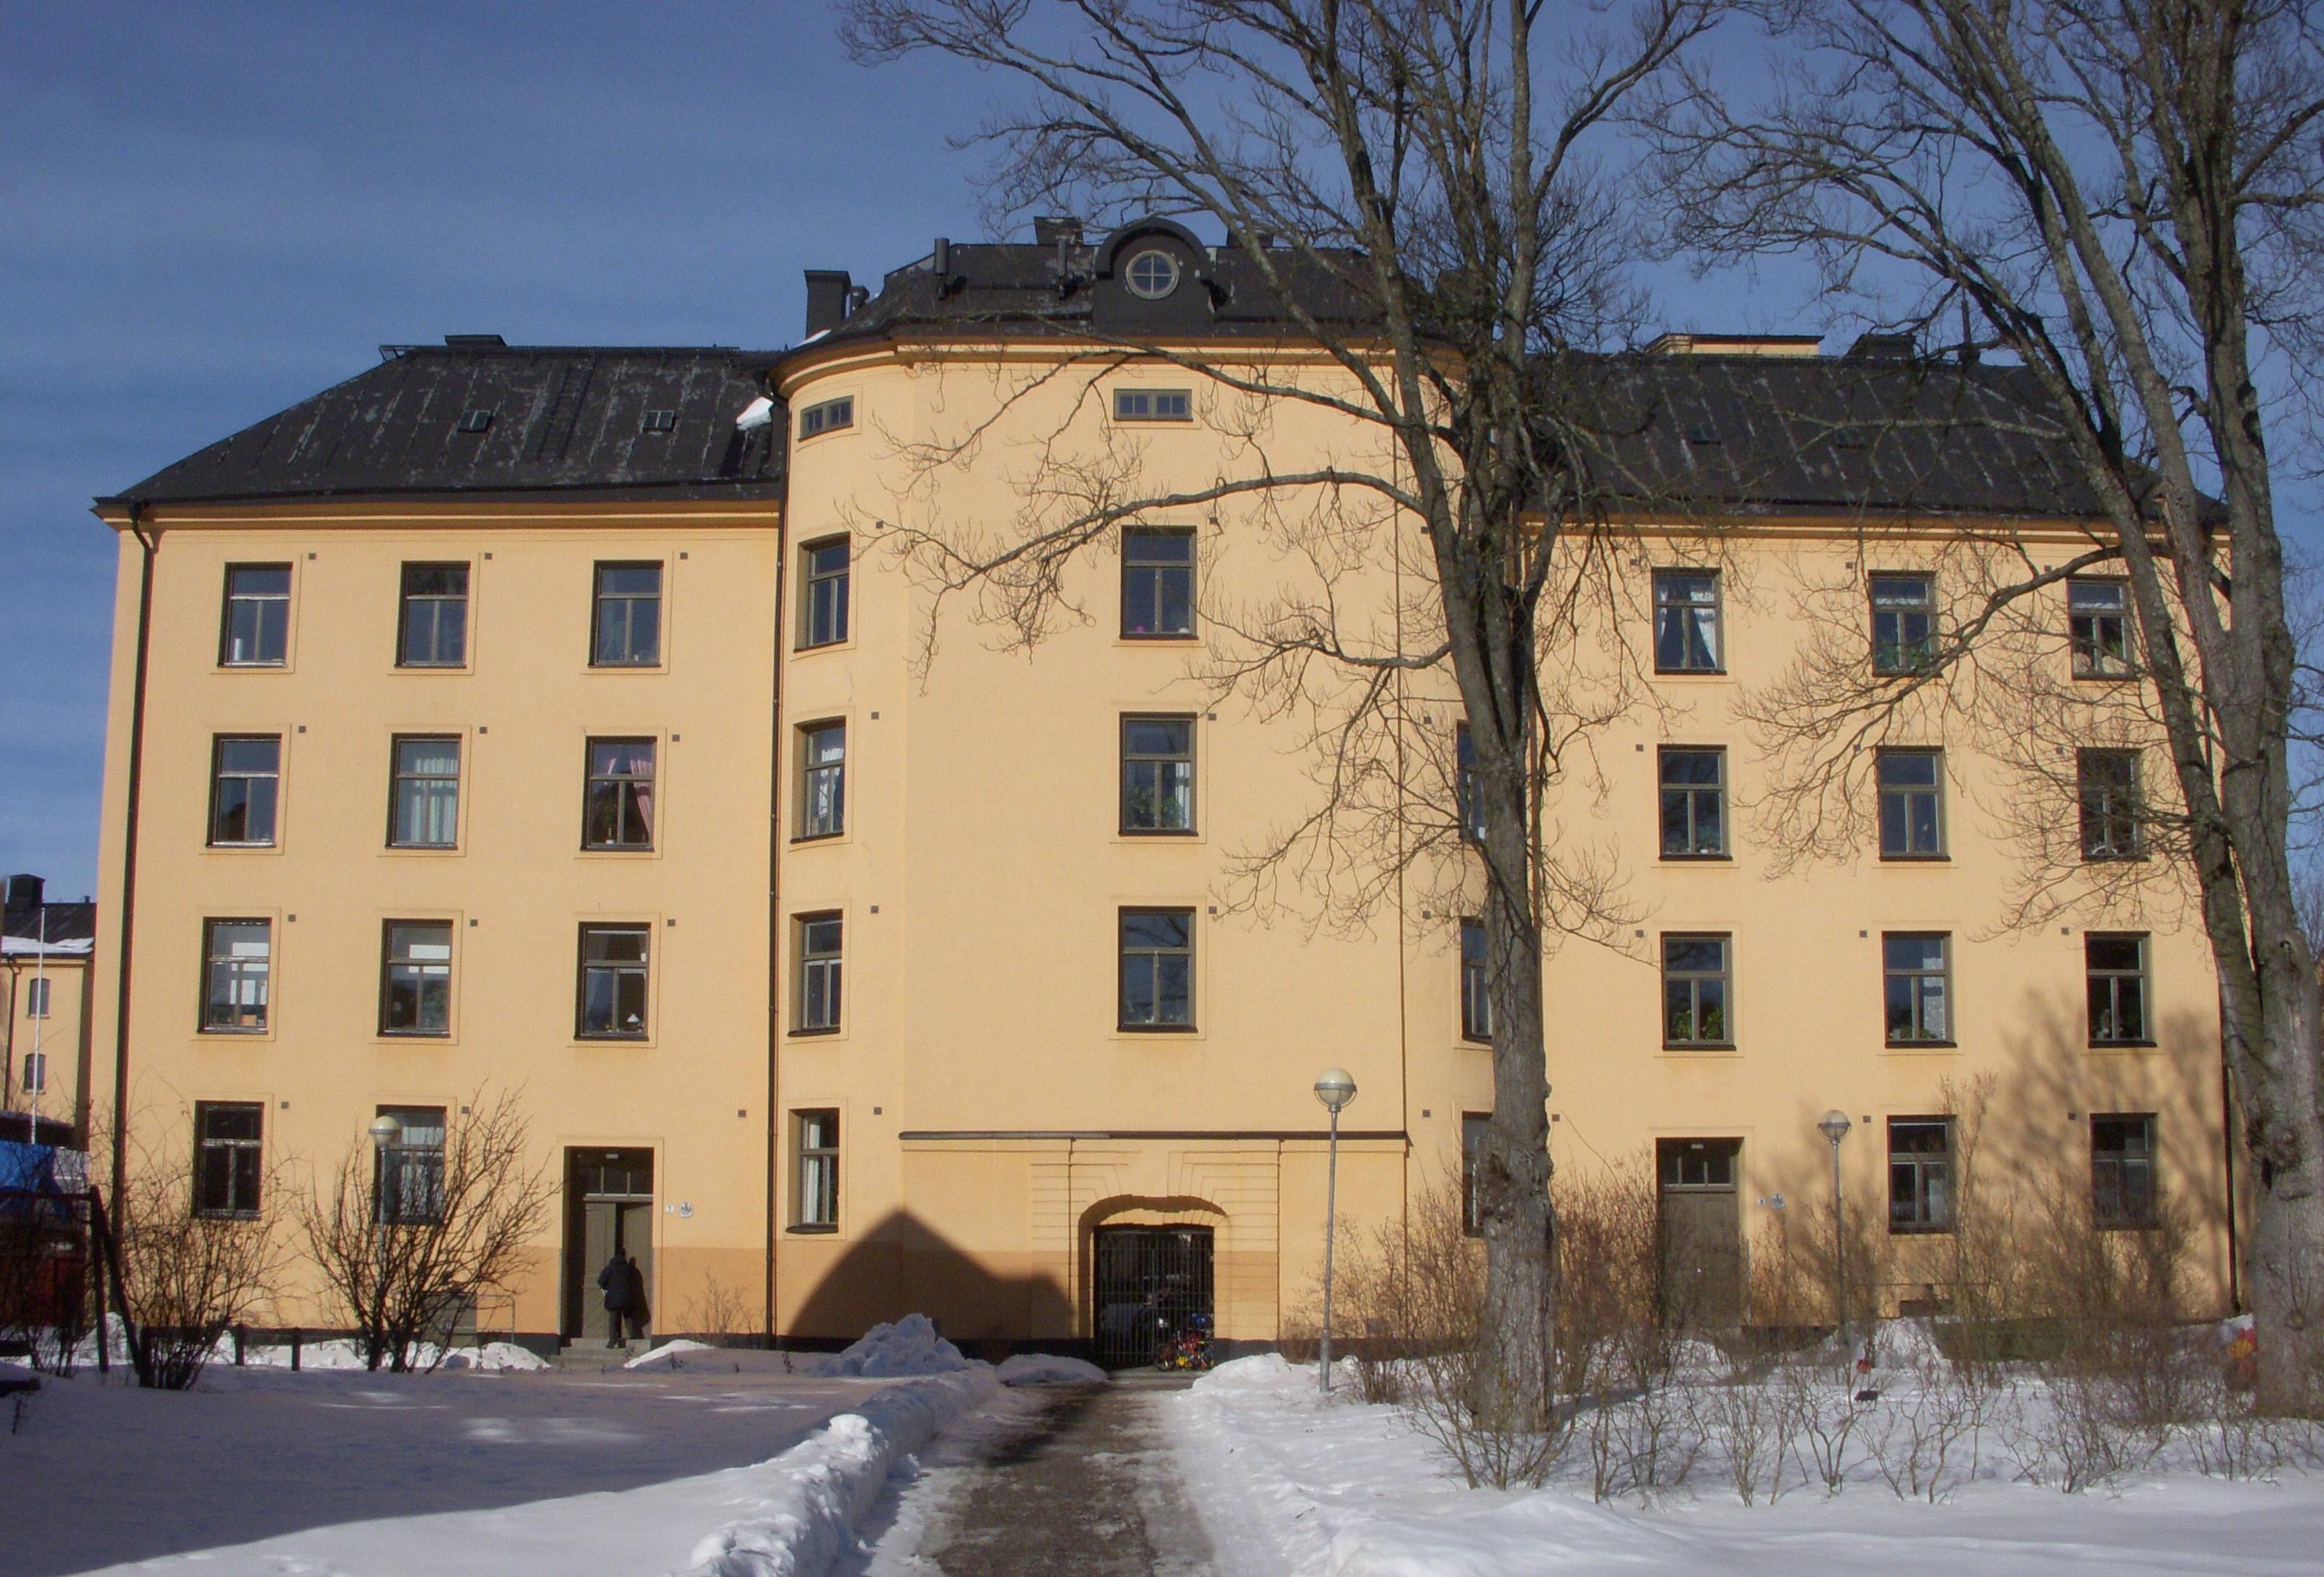 Spinnhuset_L%C3%A5ngholmen_2010.jpg